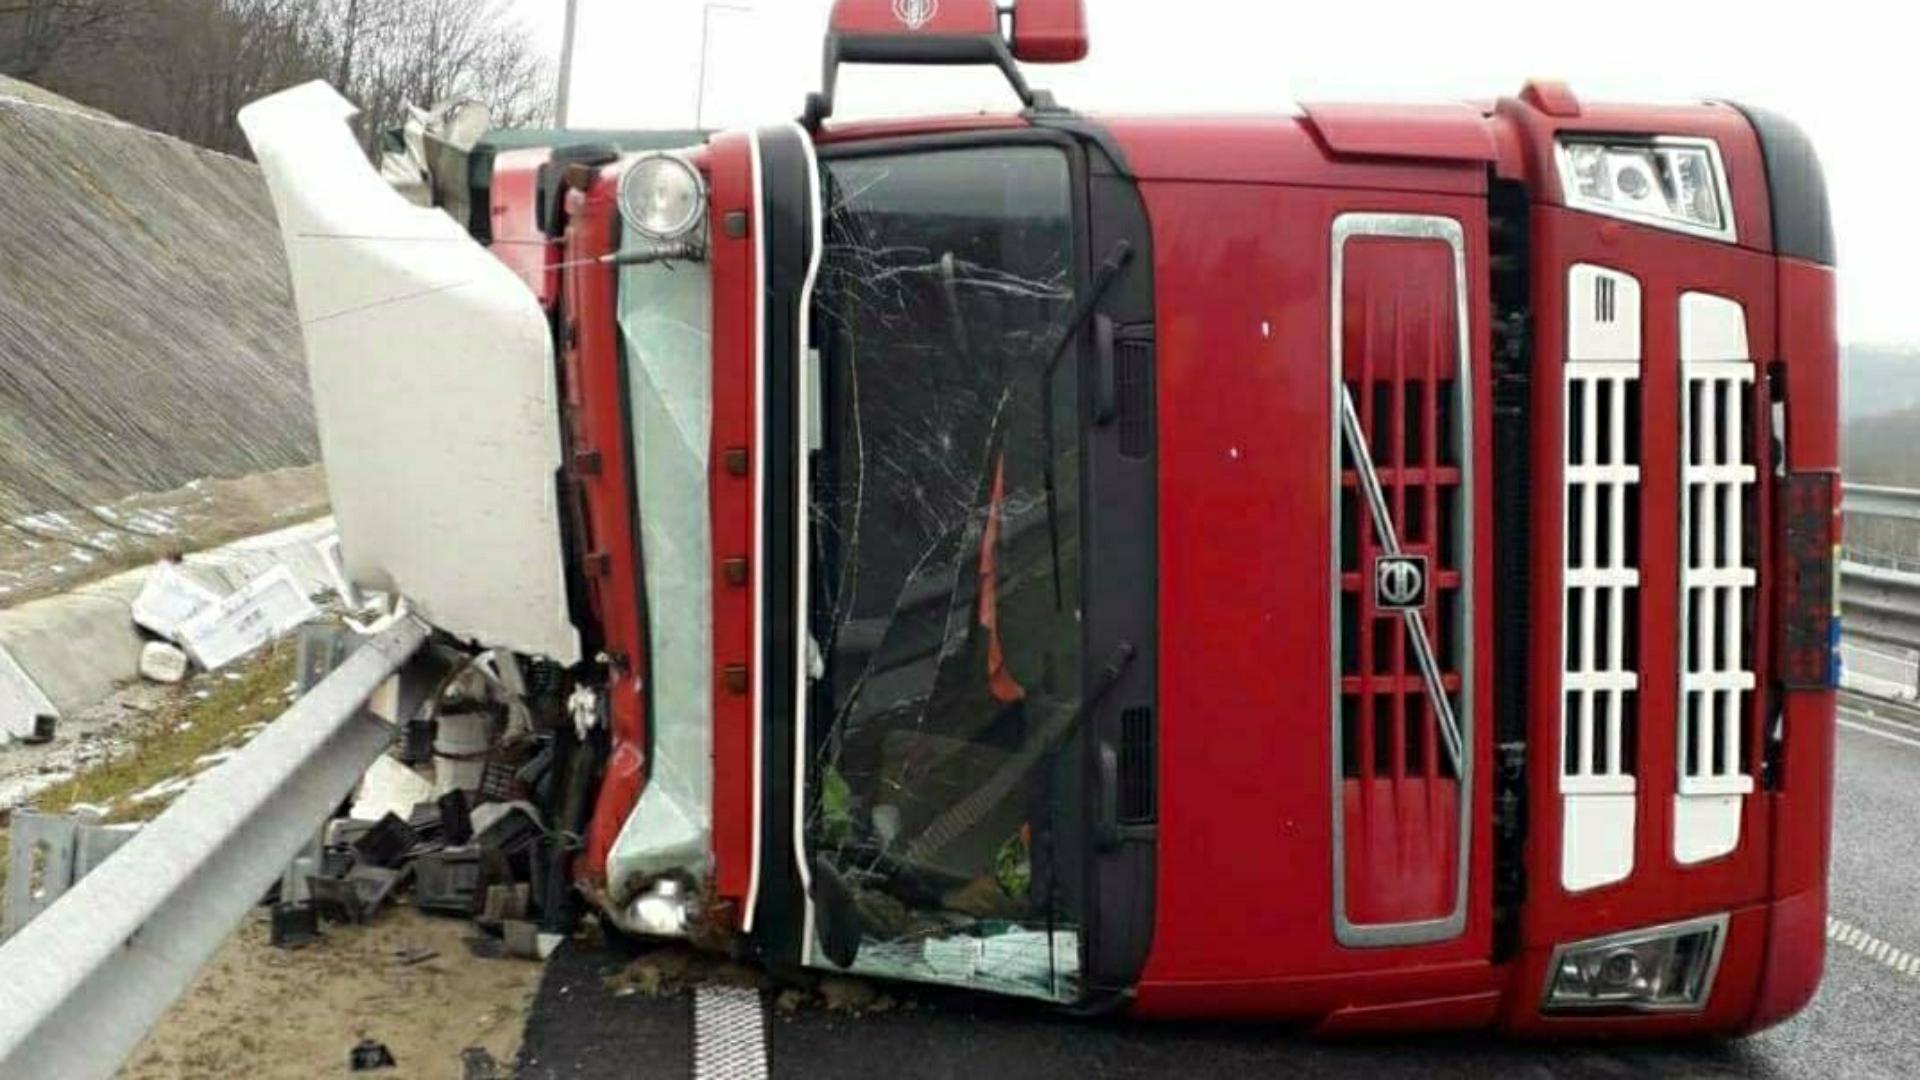 Foto | Ansamblul de autovehicule răsturnat pe autostrada A1, zonă cu restricţii pentru autovehicule de mare tonaj